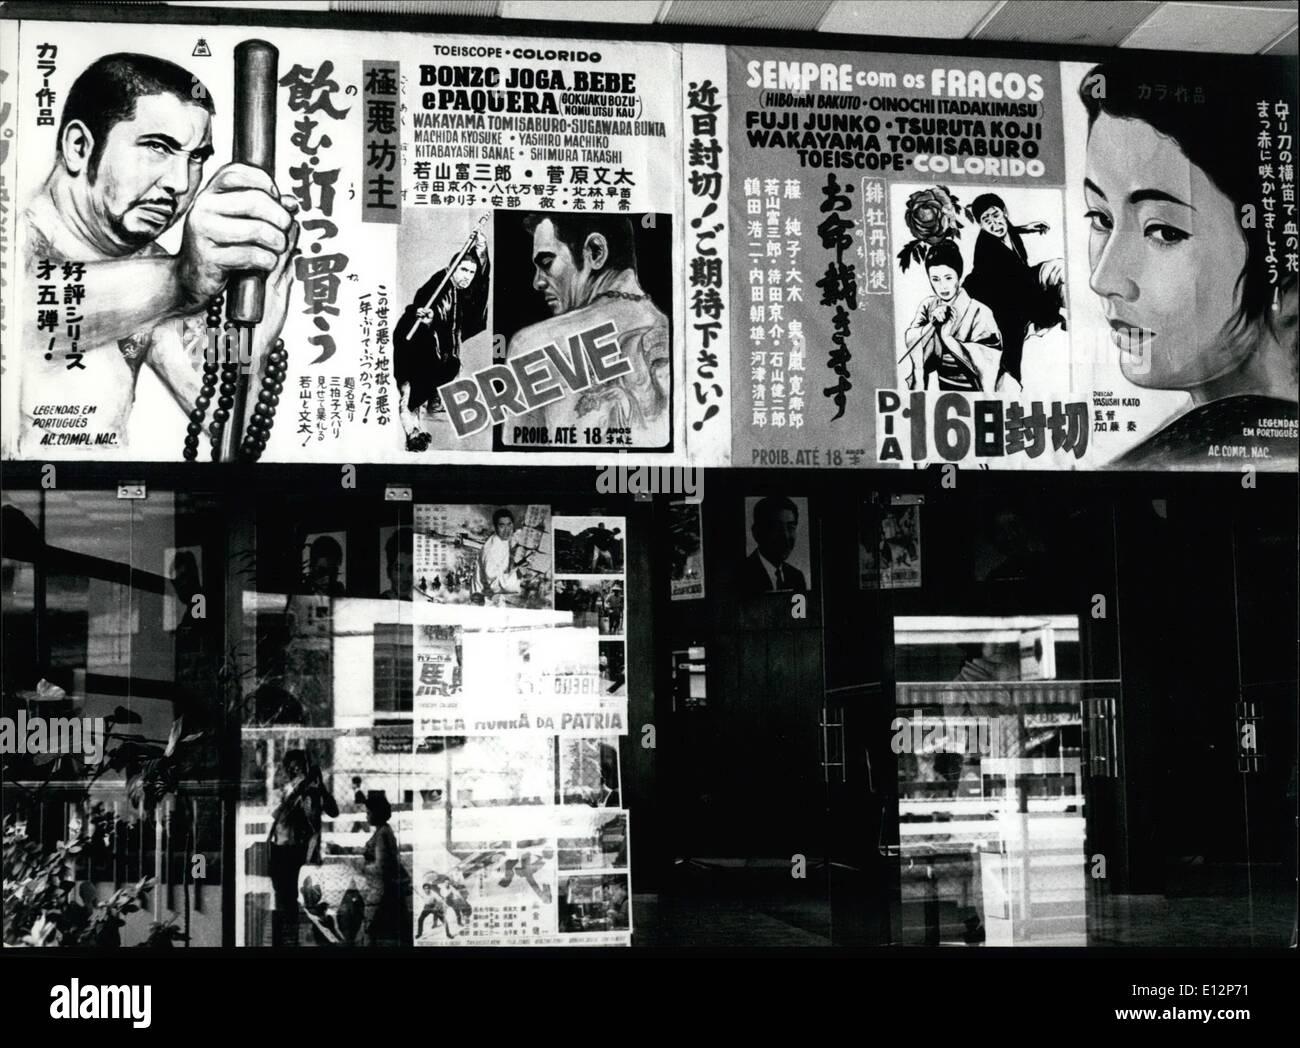 Feb. 24, 2012 - Japanese movies. Sao Paulo - Brazil - Stock Image